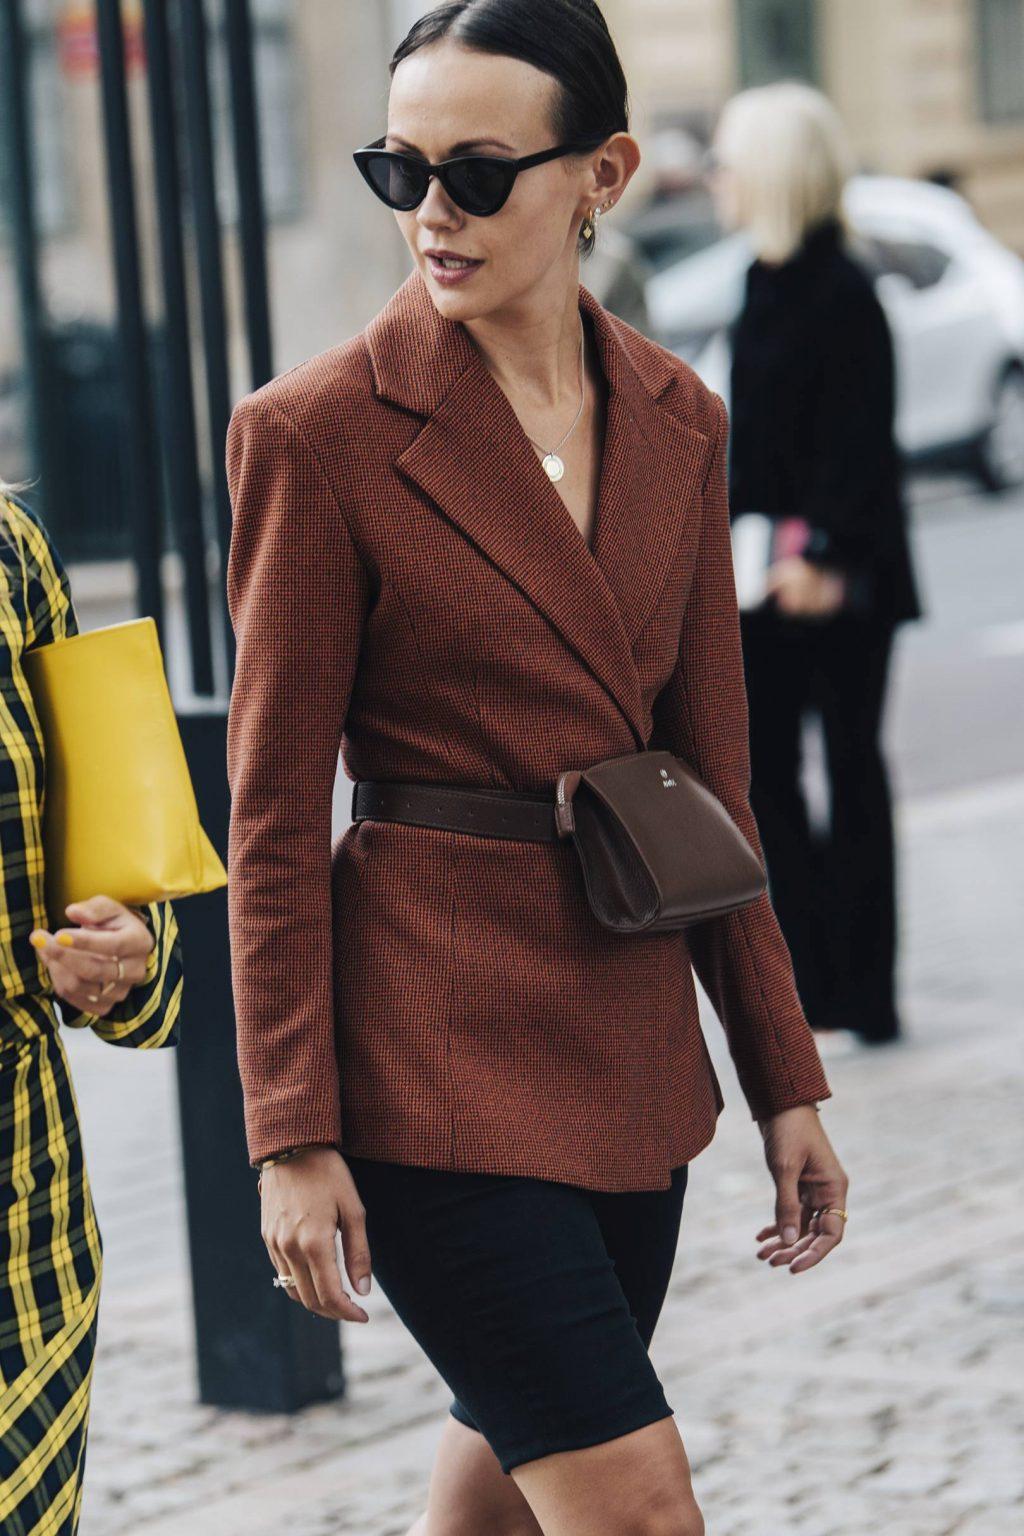 trang phục đồng bộ với áo blazer nâu, quần shorts đạp xe và túi nâu